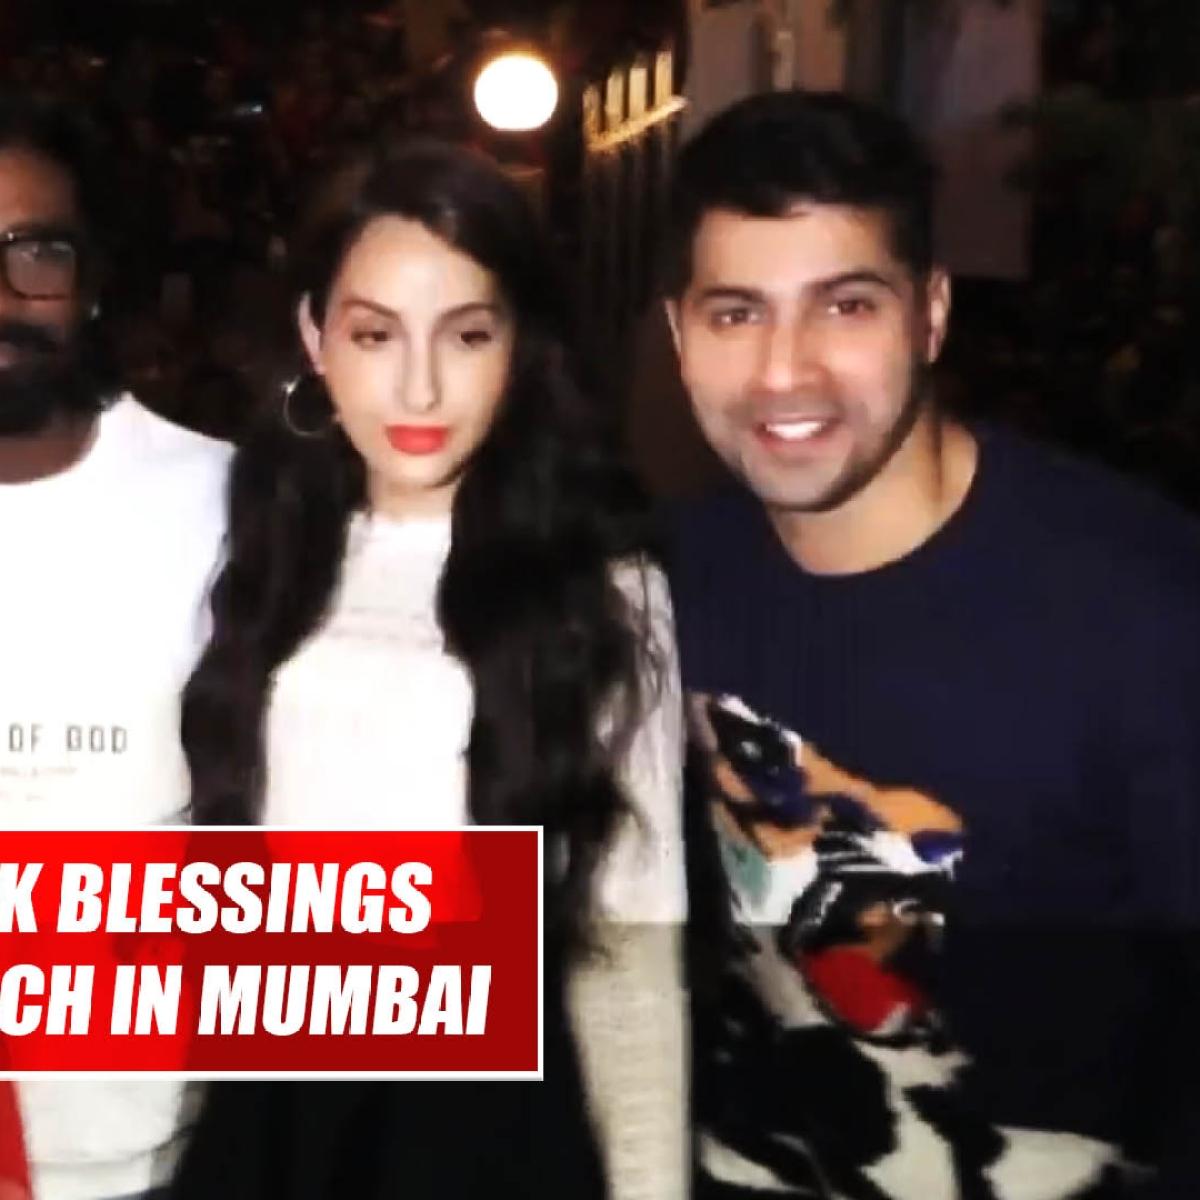 Varun Dhawan, Nora Fatehi seek blessings at Mount Mary church in Mumbai